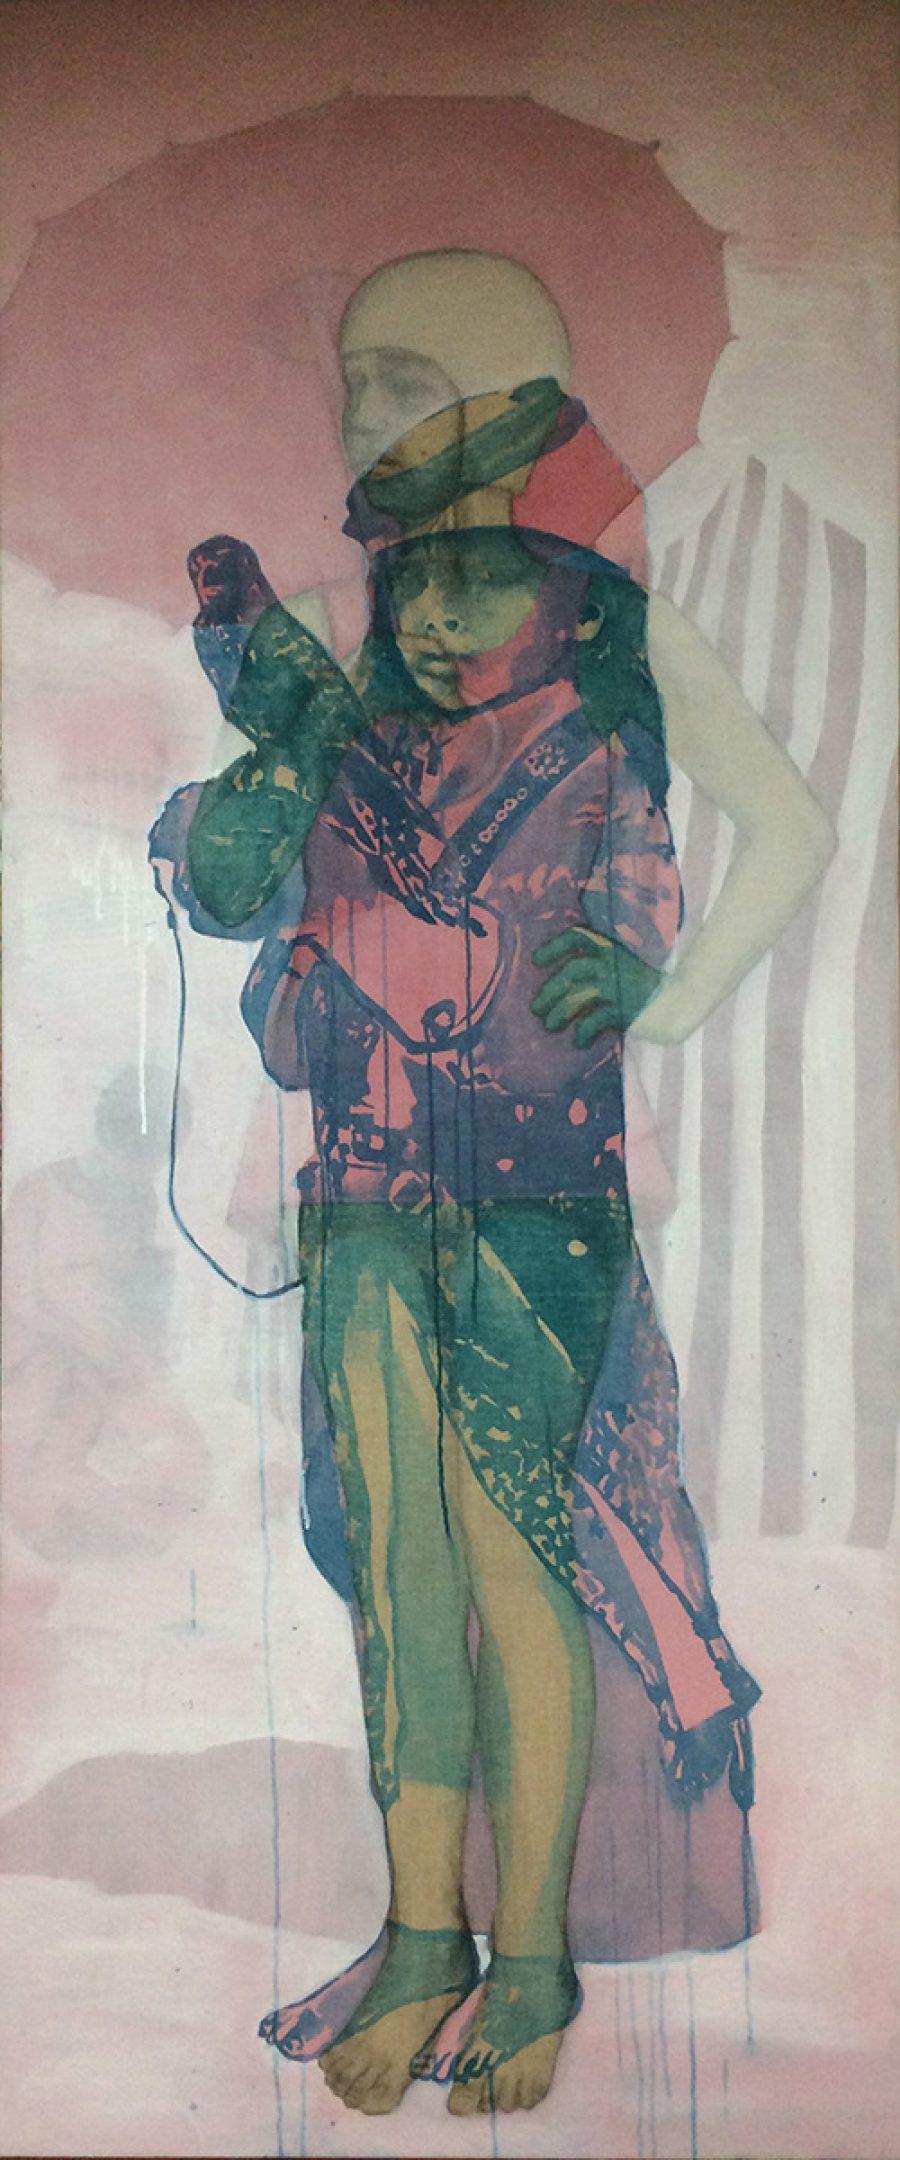 Van € 4050,- voor € 2025,--  She is my friend, 190 x 80 cm, acryl op linnen, 2016